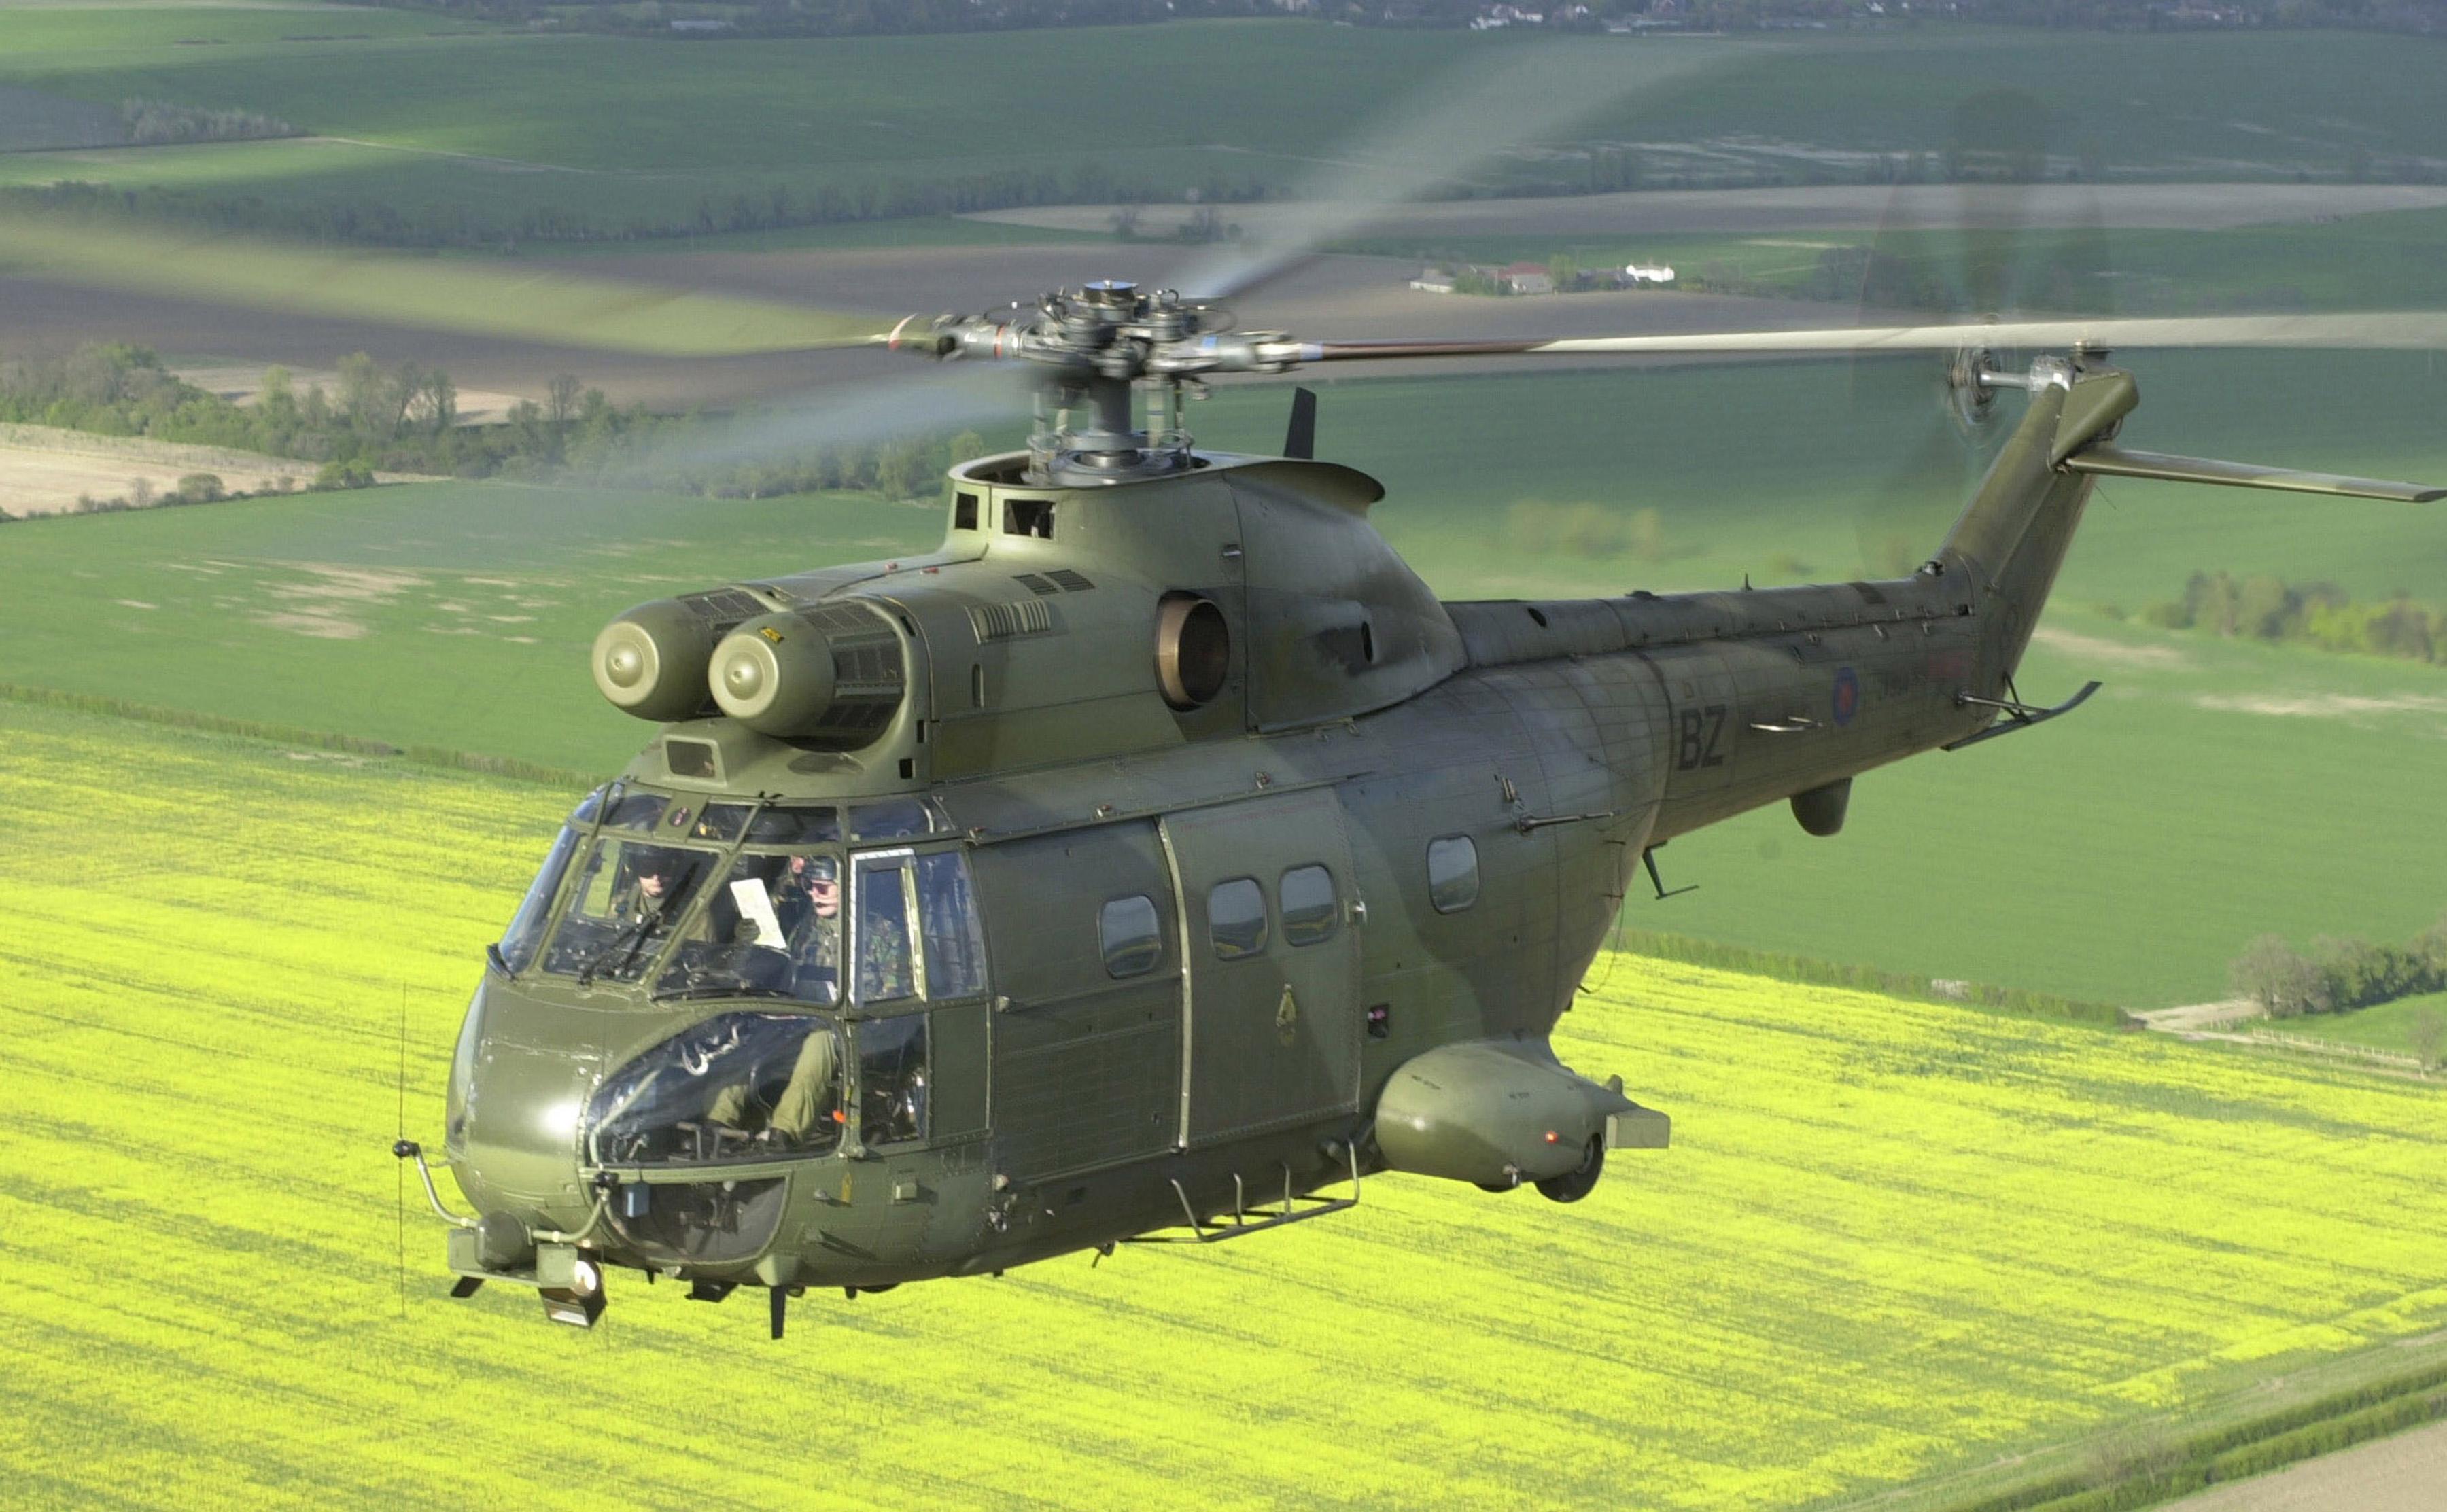 De otra manera cómodo Cambio  Aérospatiale SA 330 Puma - Wikipedia